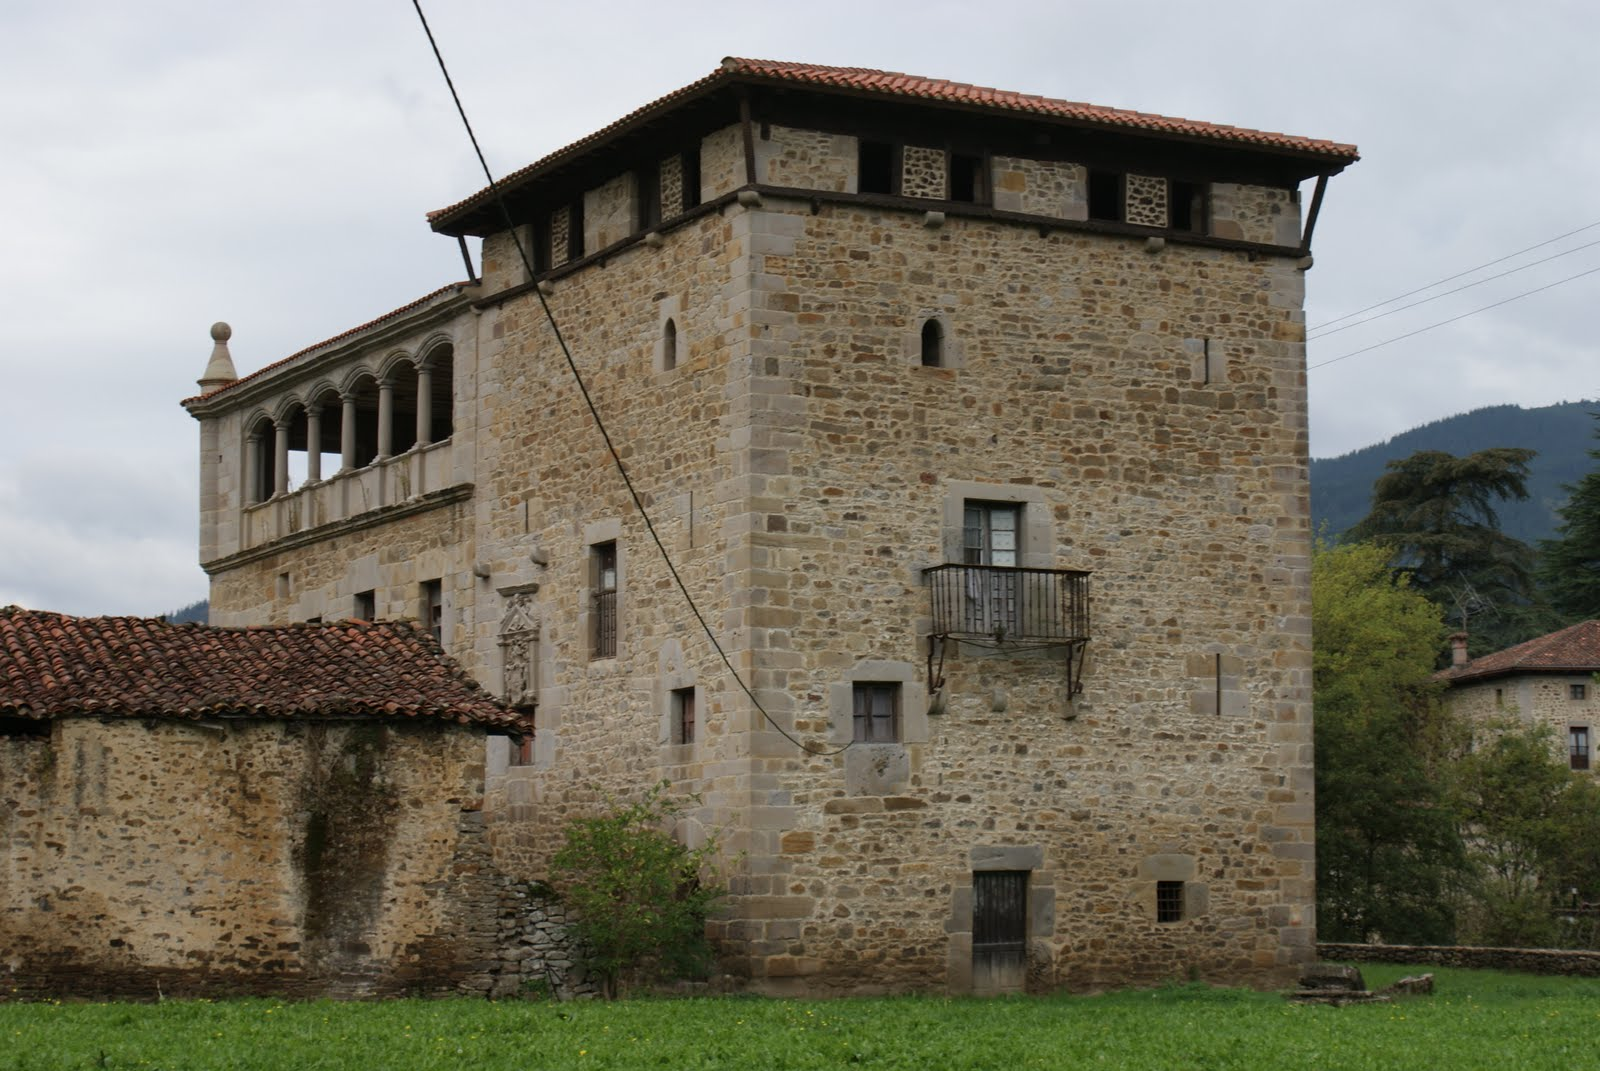 Historia en euskadi torre de oxirando gordexola for Piani di casa torre allerta